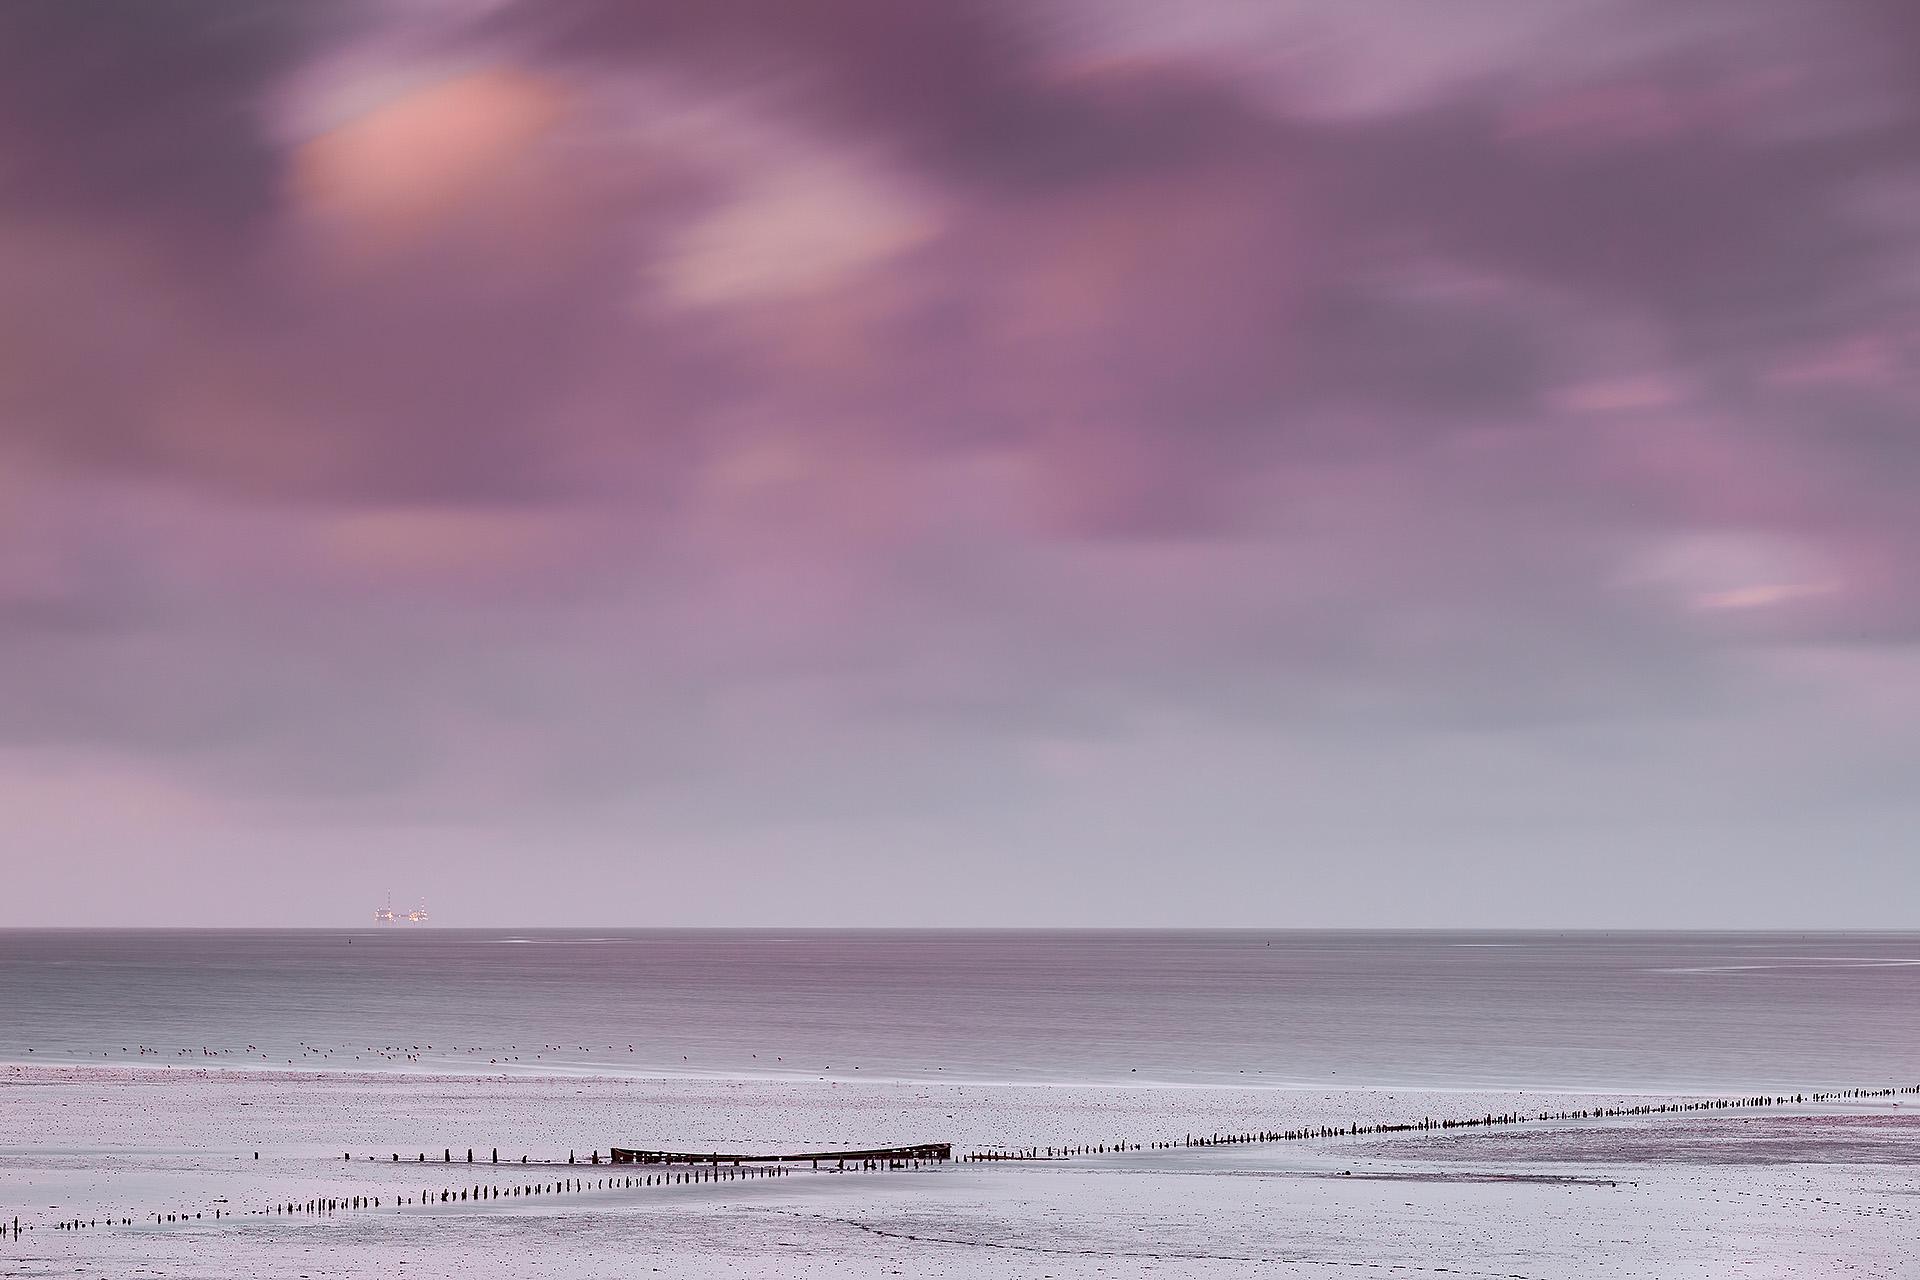 De oude praam van Rijkswaterstaat die vastgelopen is bij het Friese plaatsje Wierum is een gewild onderwerp van veel fotografen